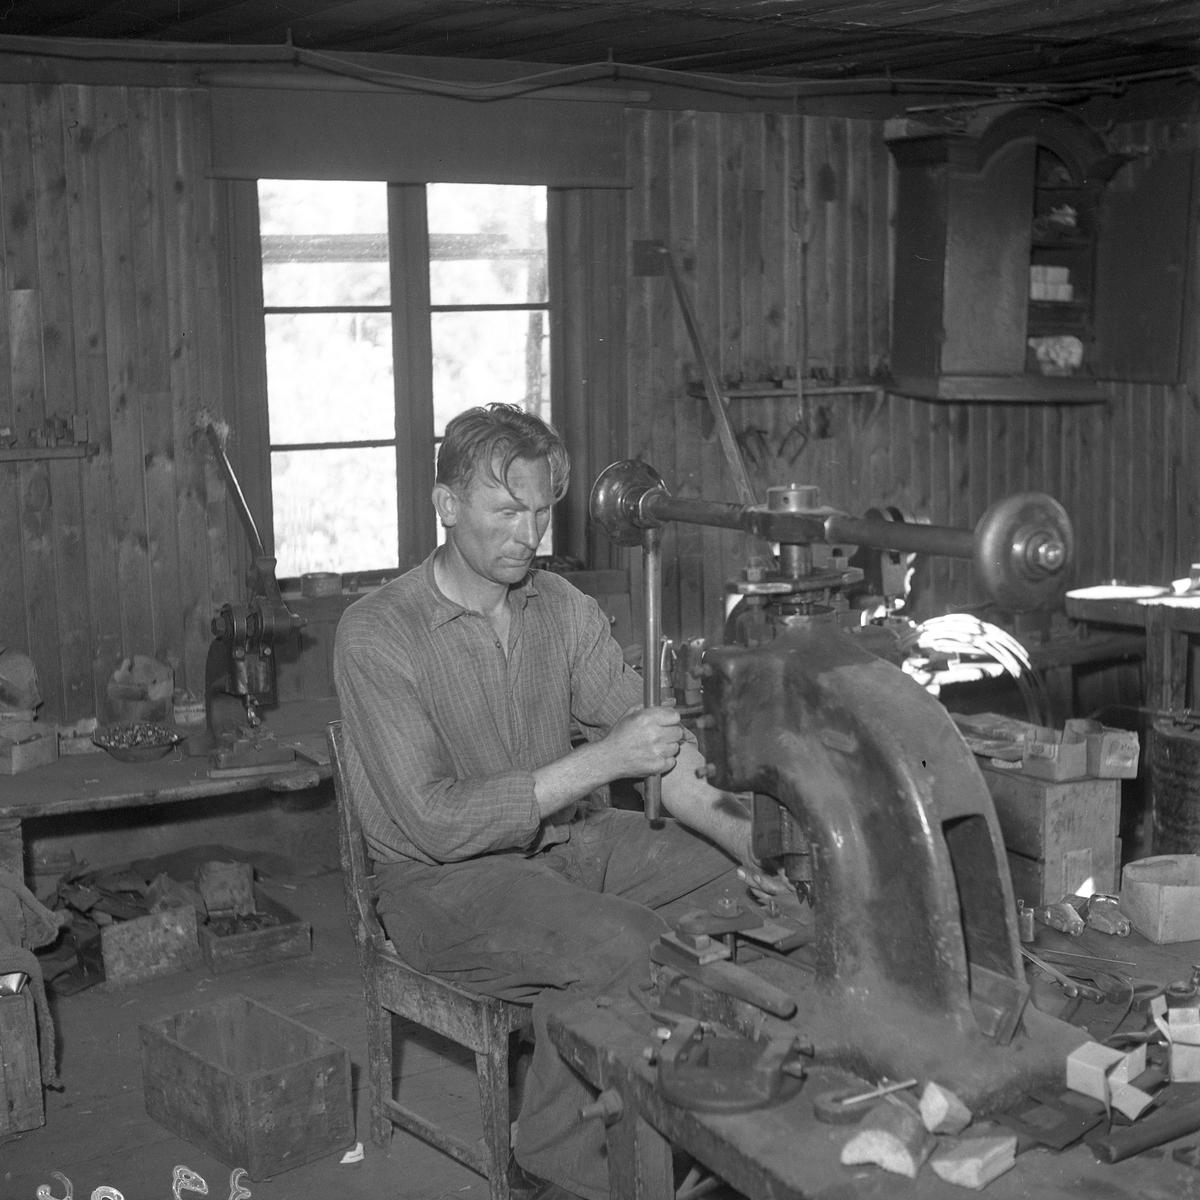 Erik Johansson stansar hål med maskin. Kläppen svetsas samman med gas, en tunnare och en tjockare klamp.